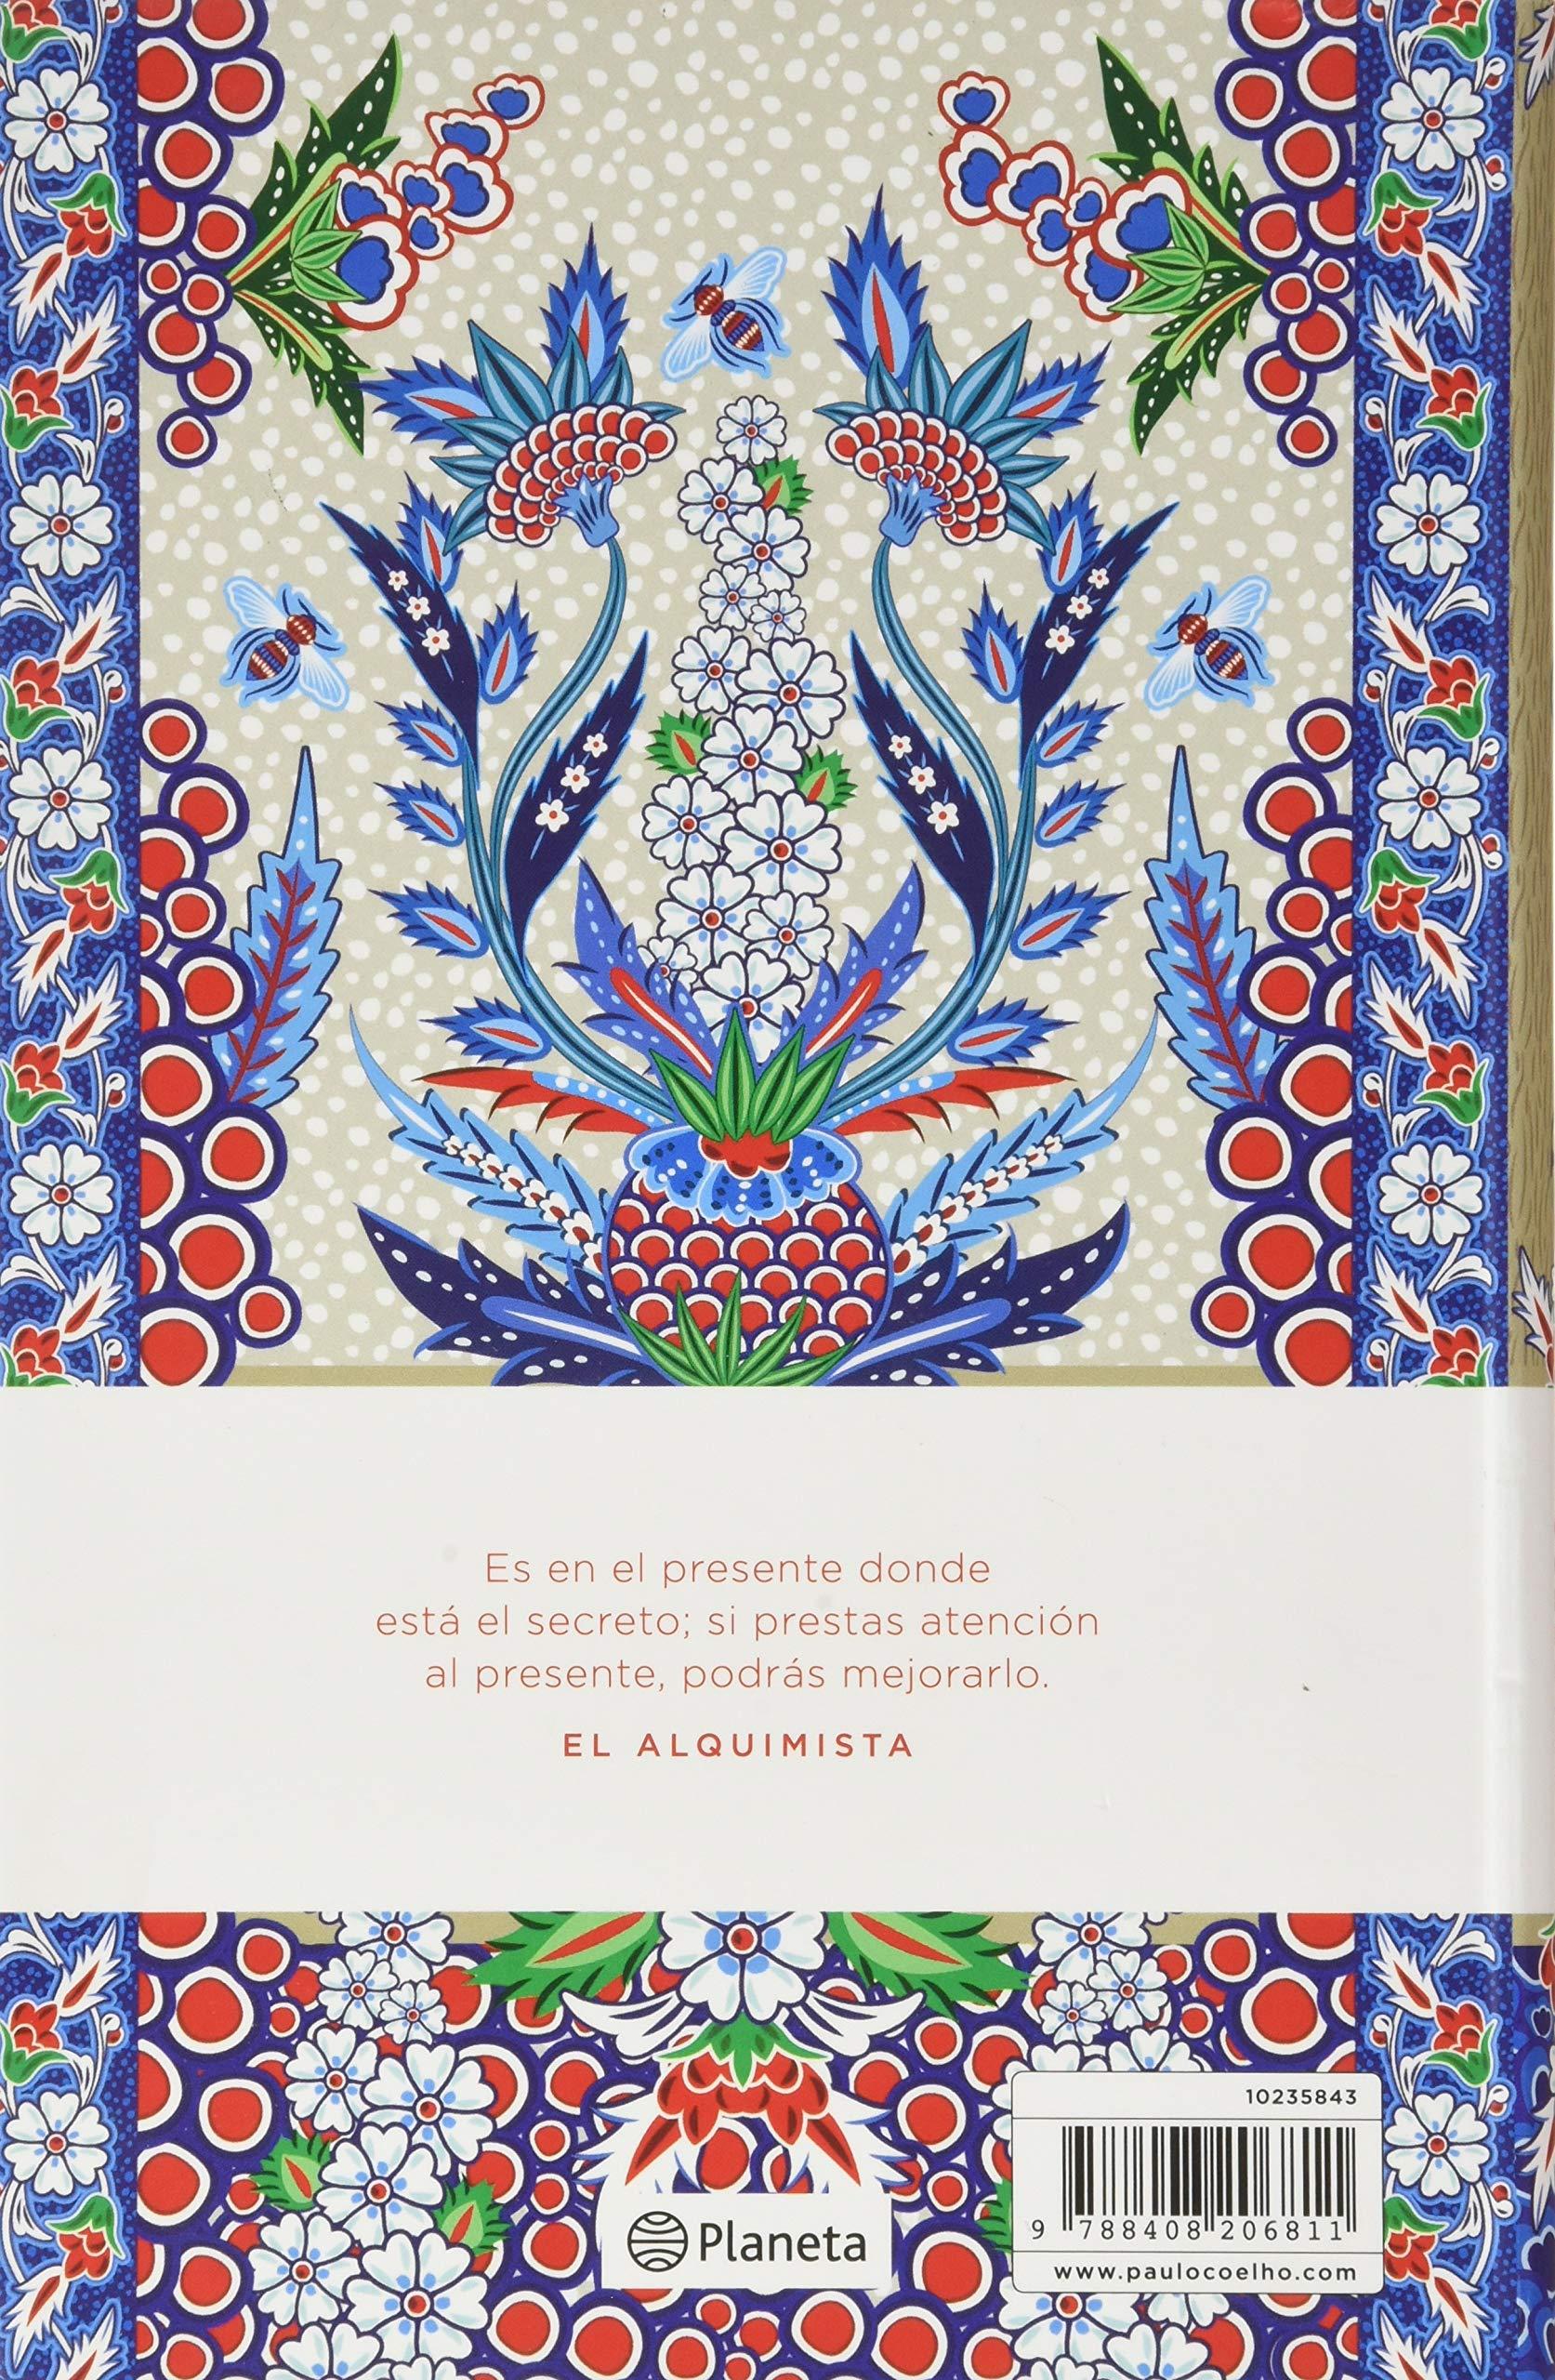 Secretos Agenda Coelho 2020 Productos Papelería Paulo Coelho ...